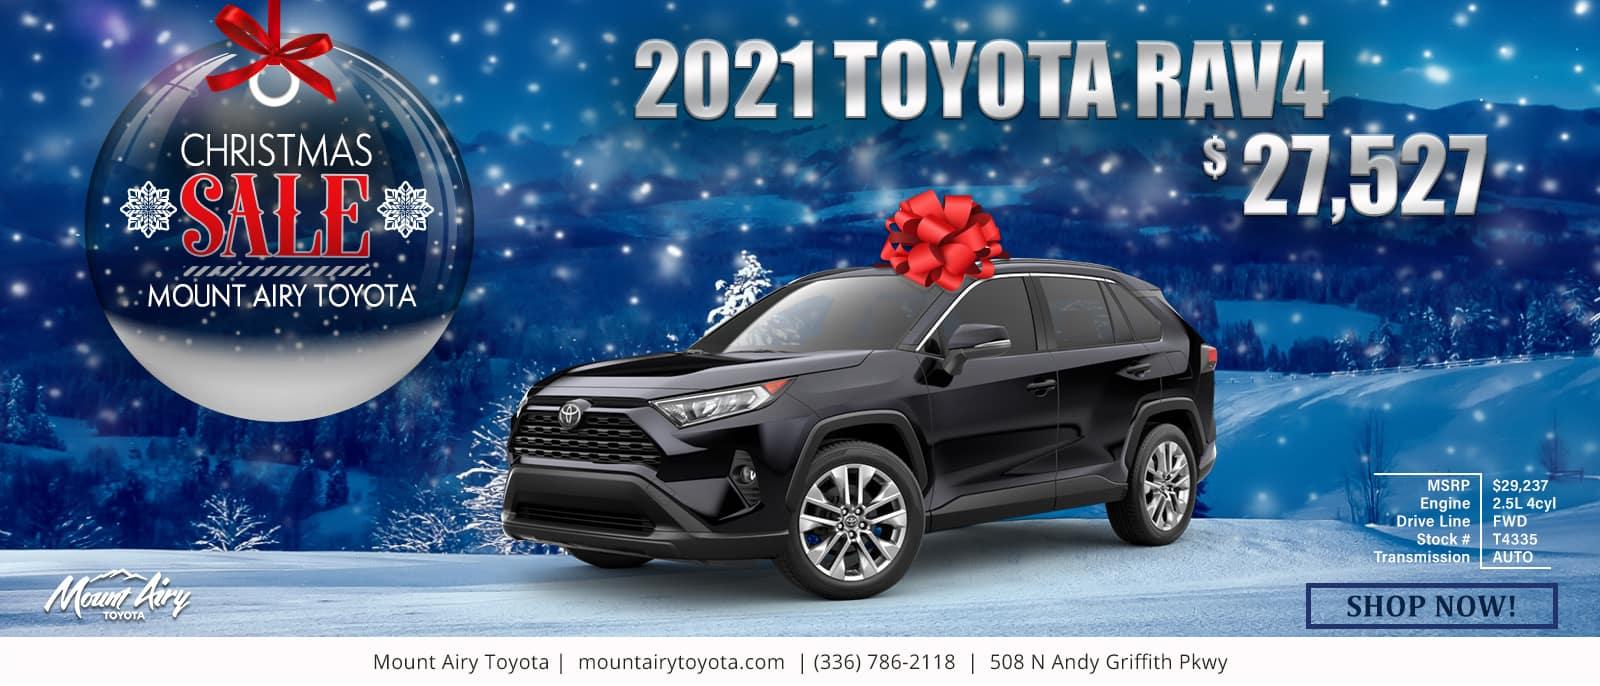 Toyota_November_2020_Slider_Rav4 UPDATE